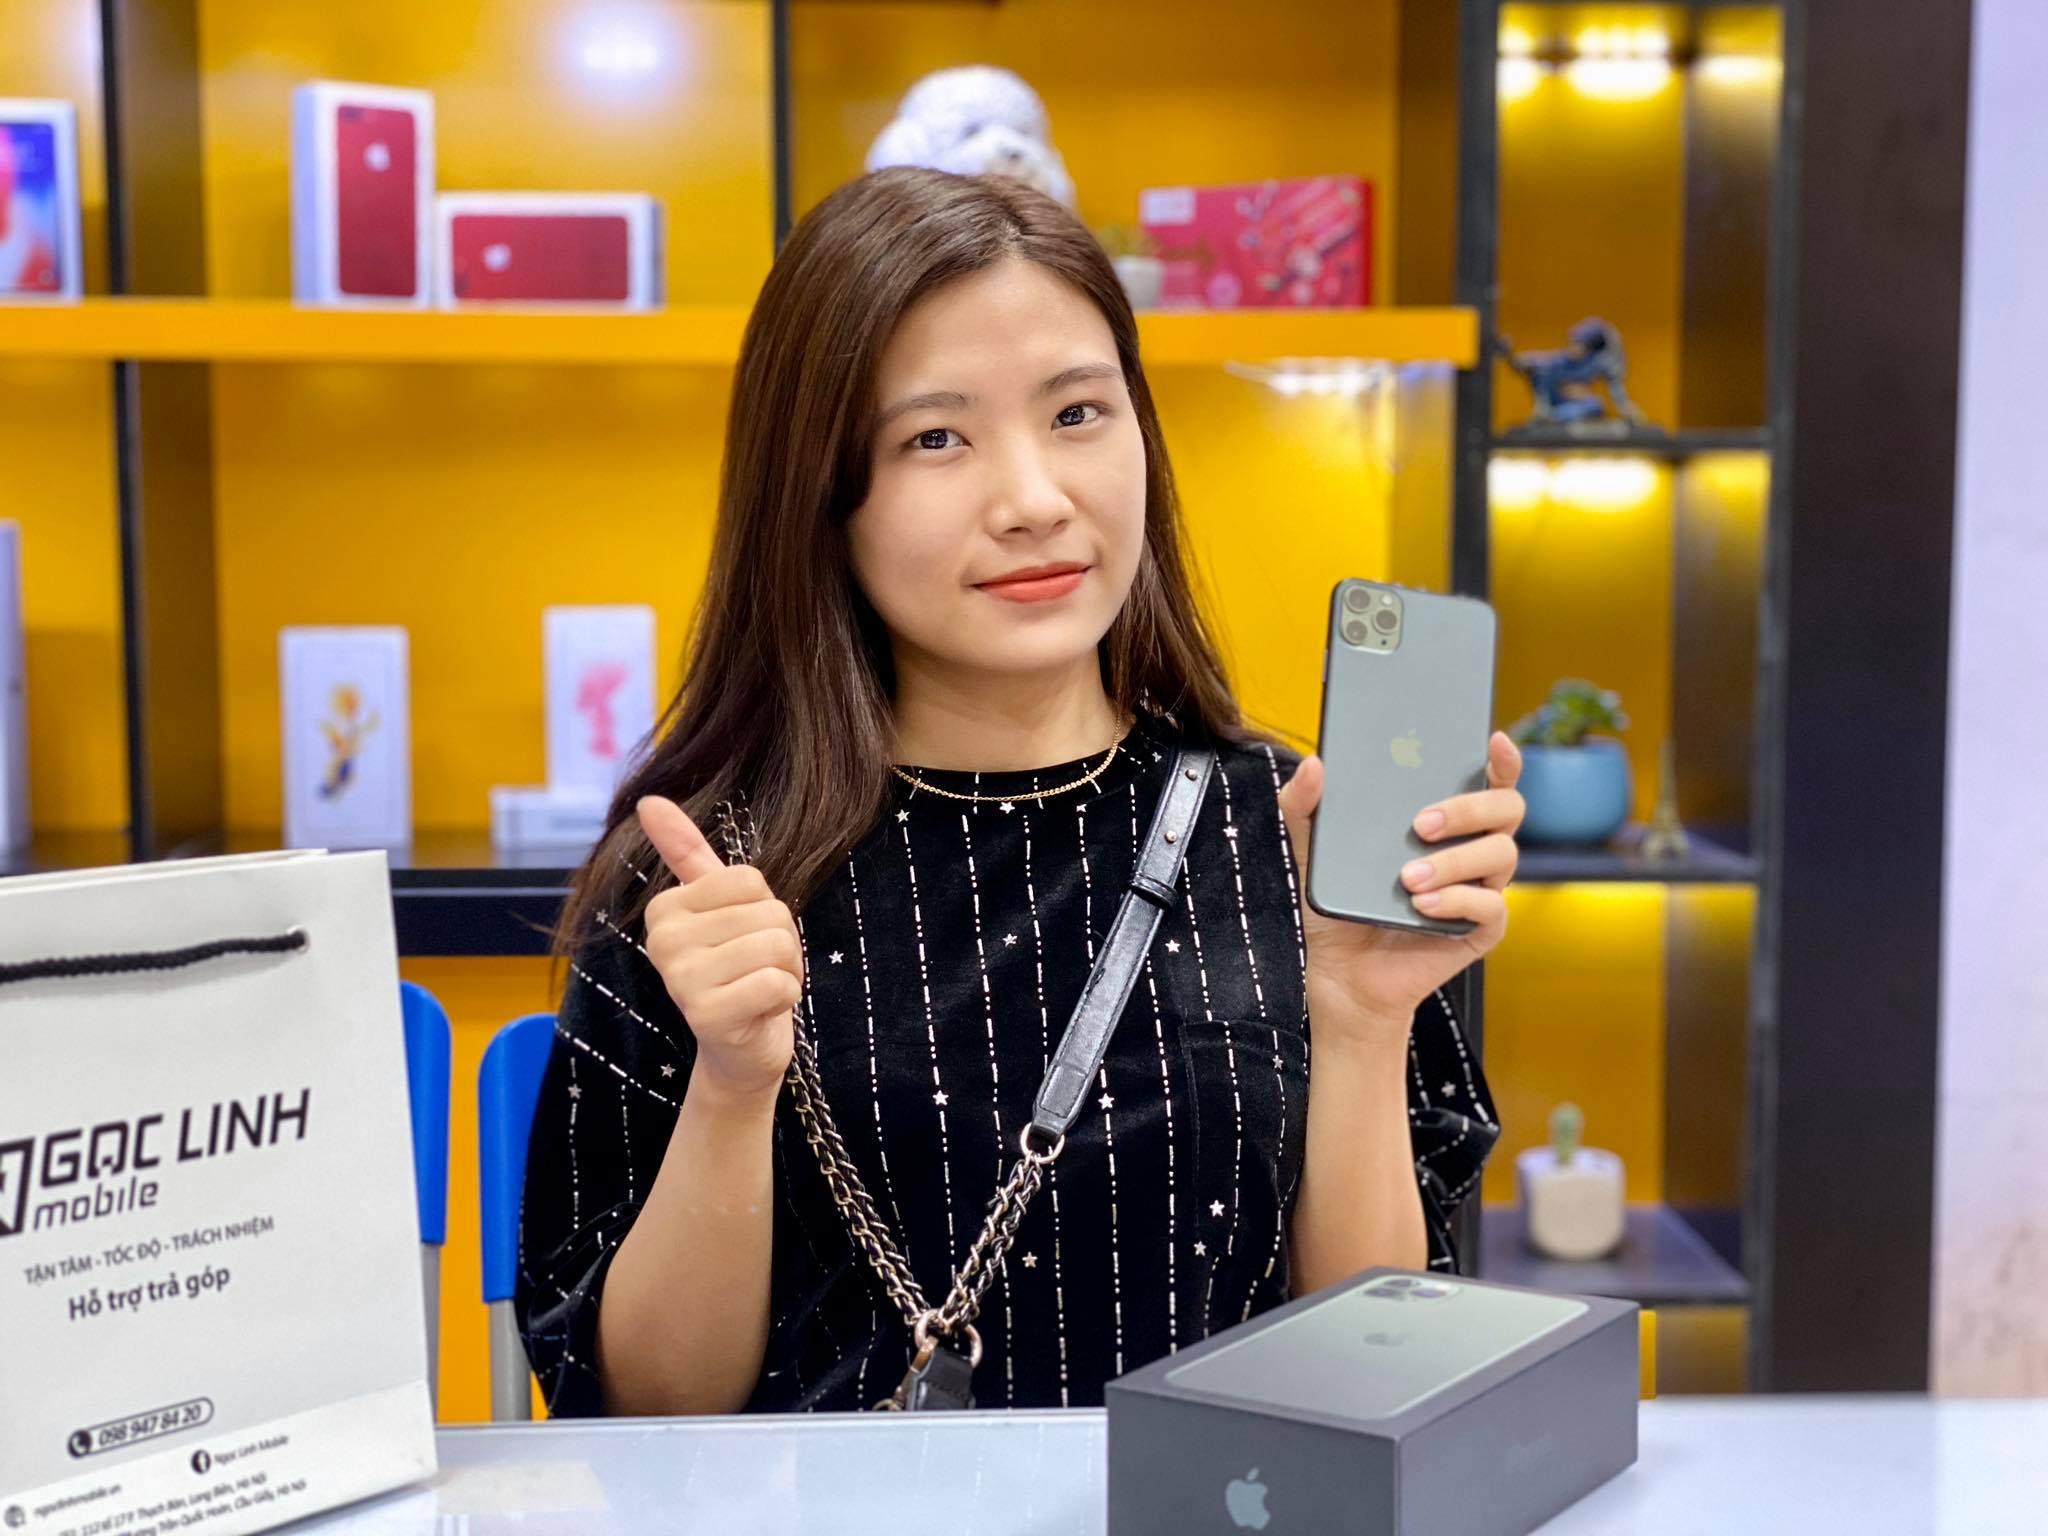 iPhone 11 Pro Max iPhone 11 Pro Max - Pin – Sự nâng cấp vượt trội của iPhone 11 Pro Max